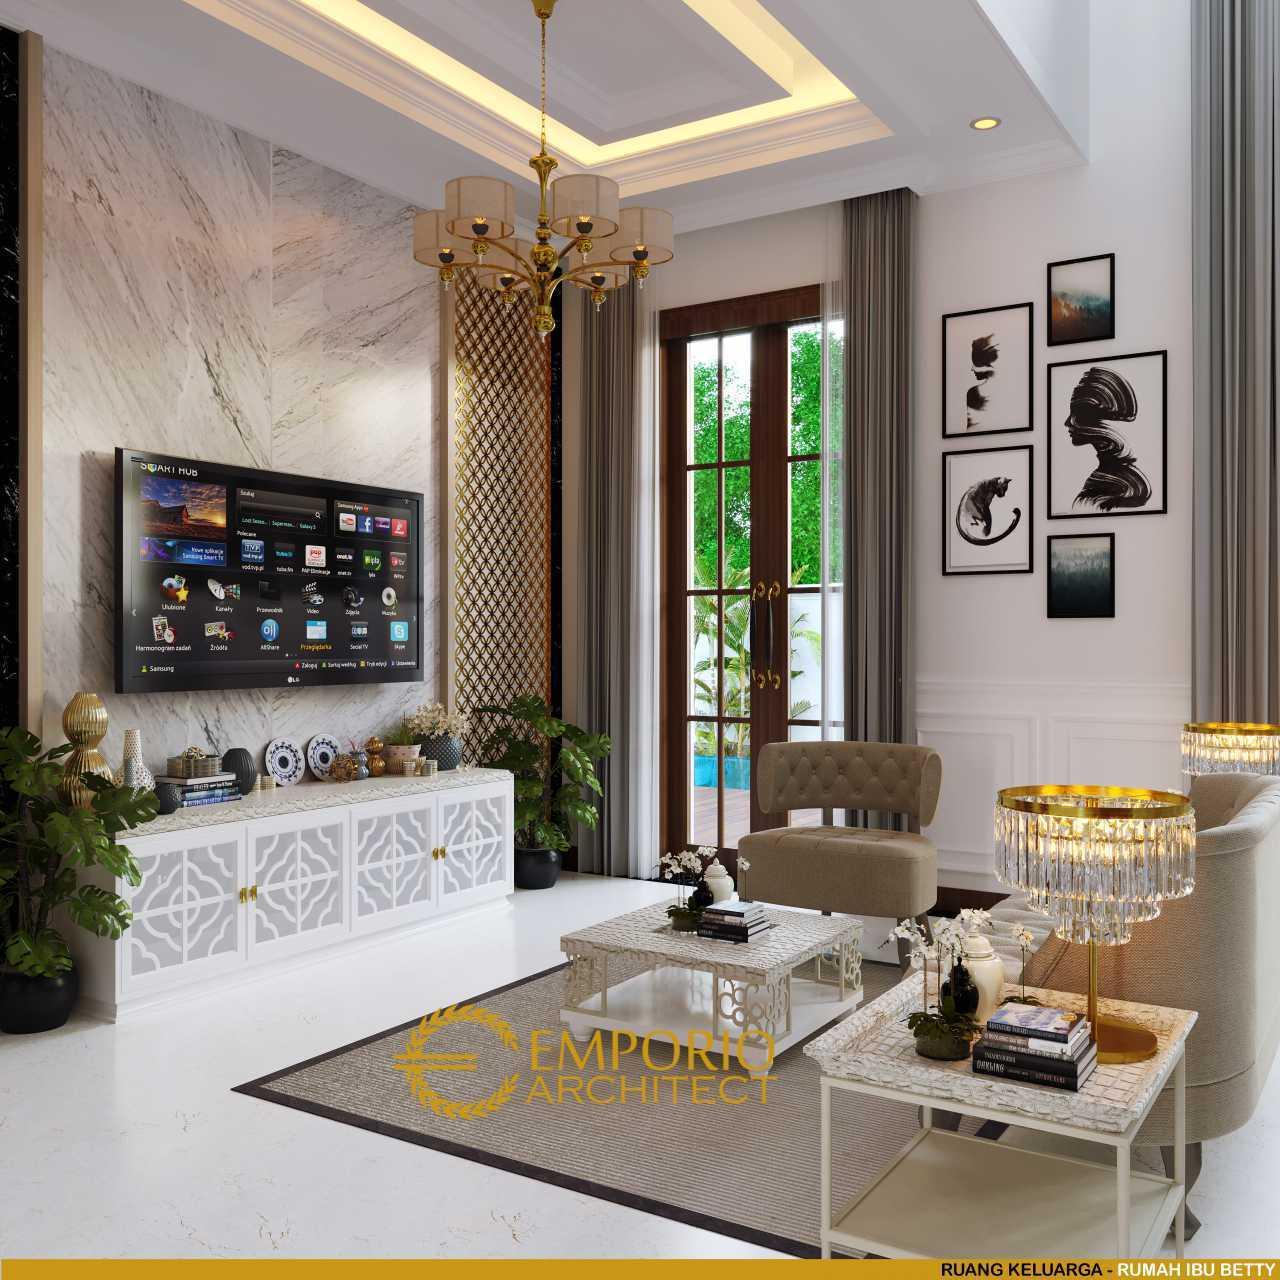 Emporio Architect Jasa Arsitek Bengkulu Desain Rumah Classic 2 Lantai 760 @ Bengkulu Bengkulu, Kota Bengkulu, Bengkulu, Indonesia Bengkulu, Kota Bengkulu, Bengkulu, Indonesia Emporio-Architect-Jasa-Arsitek-Bengkulu-Desain-Rumah-Classic-2-Lantai-760-Bengkulu  94377